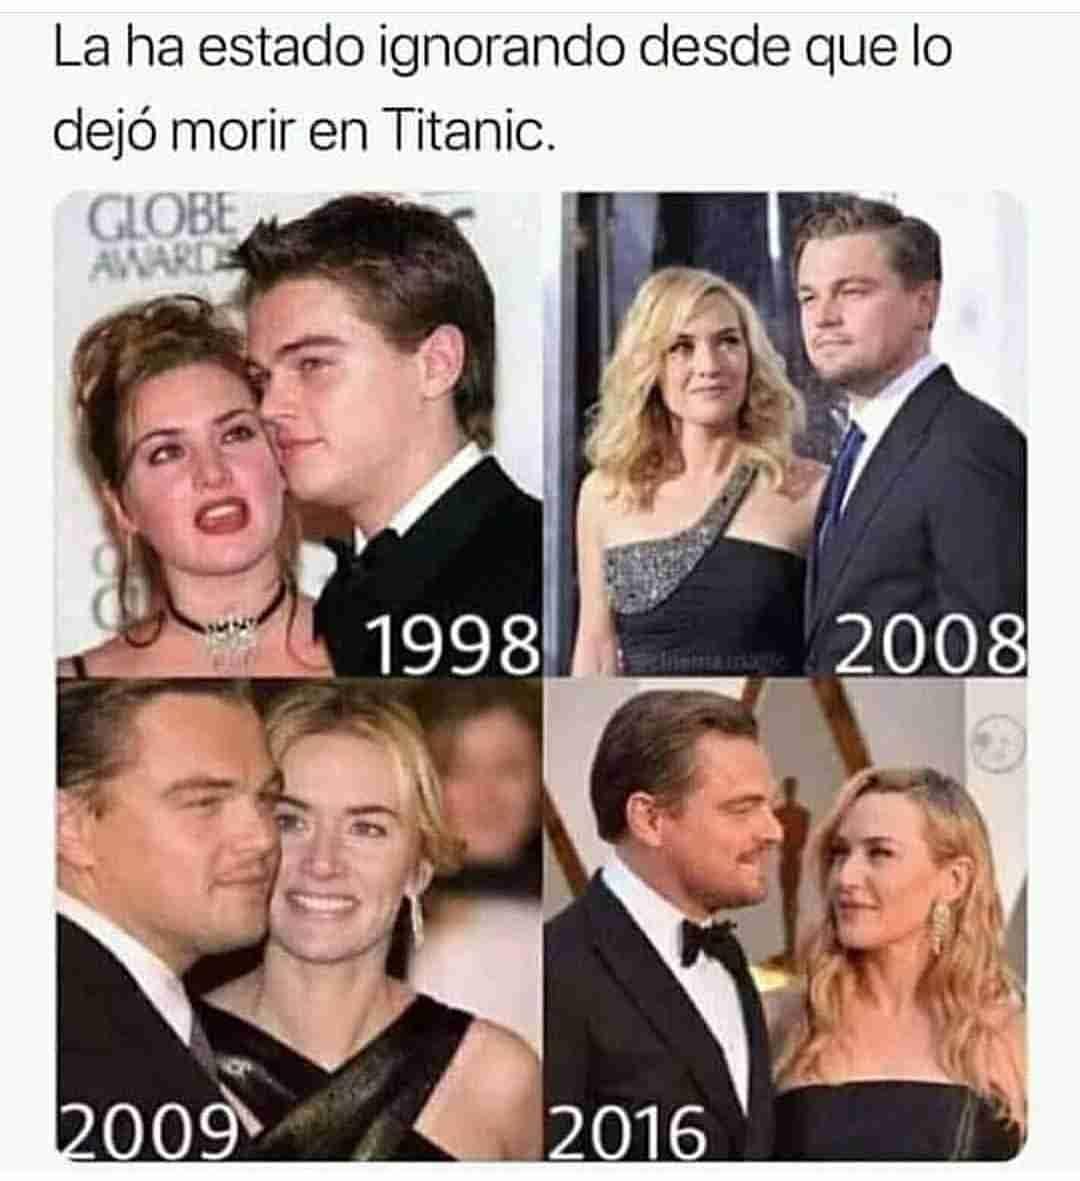 La ha estado ignorando desde que lo dejó morir en Titanic.